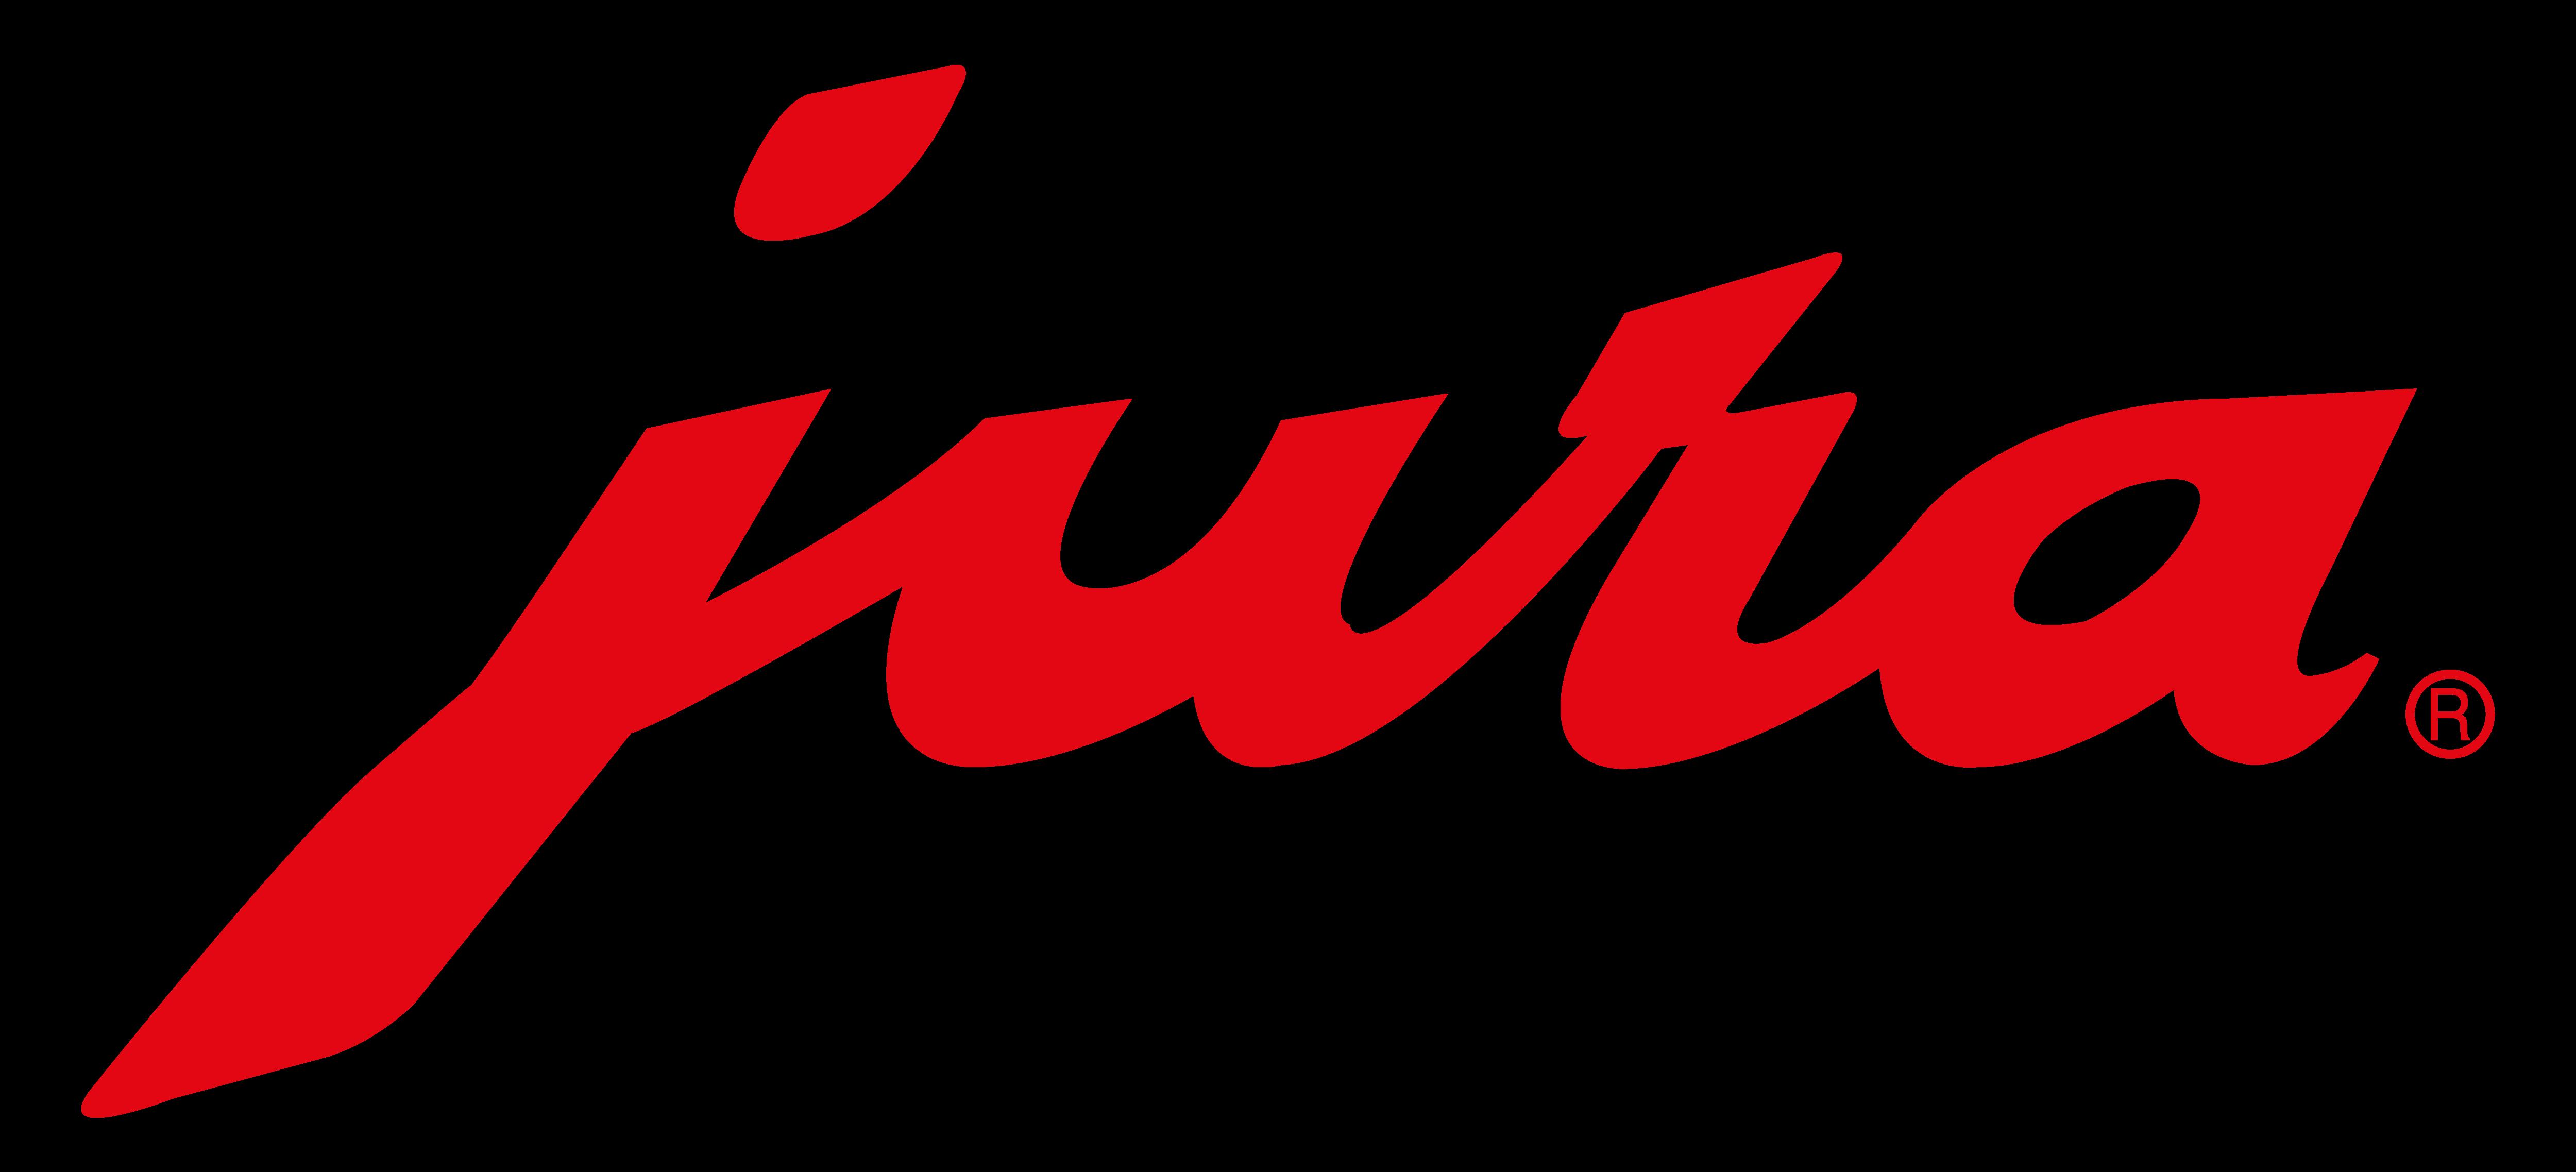 Jura - Logos Download